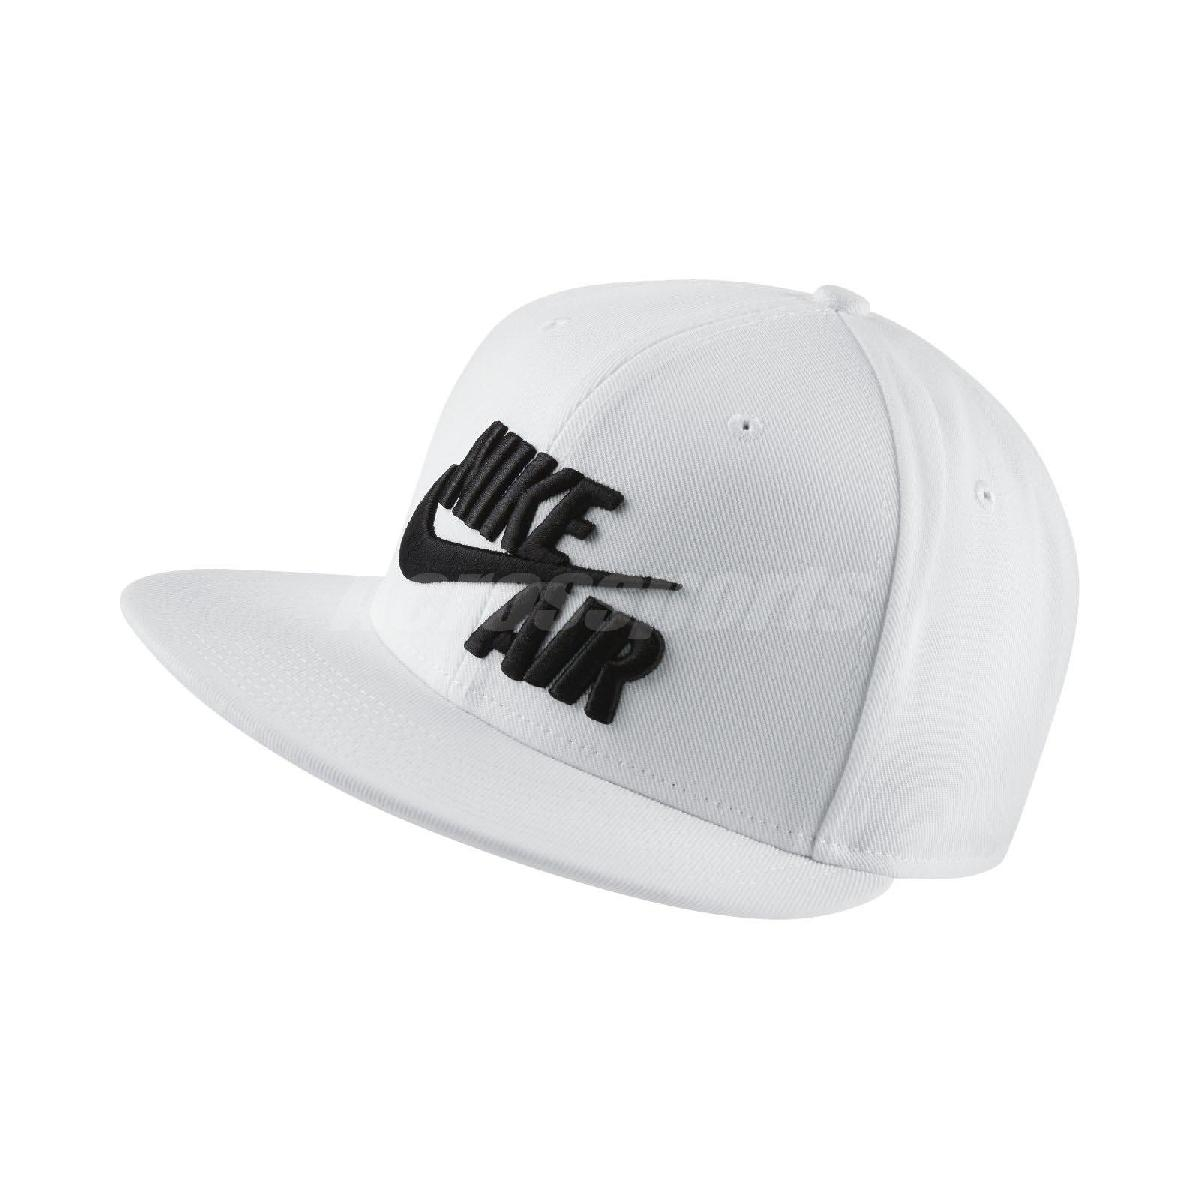 Nike帽子Air True Eos白黑電繡Snapback Cap黑白電繡LOGO後扣式棒球帽男女款PUMP306 805063-100